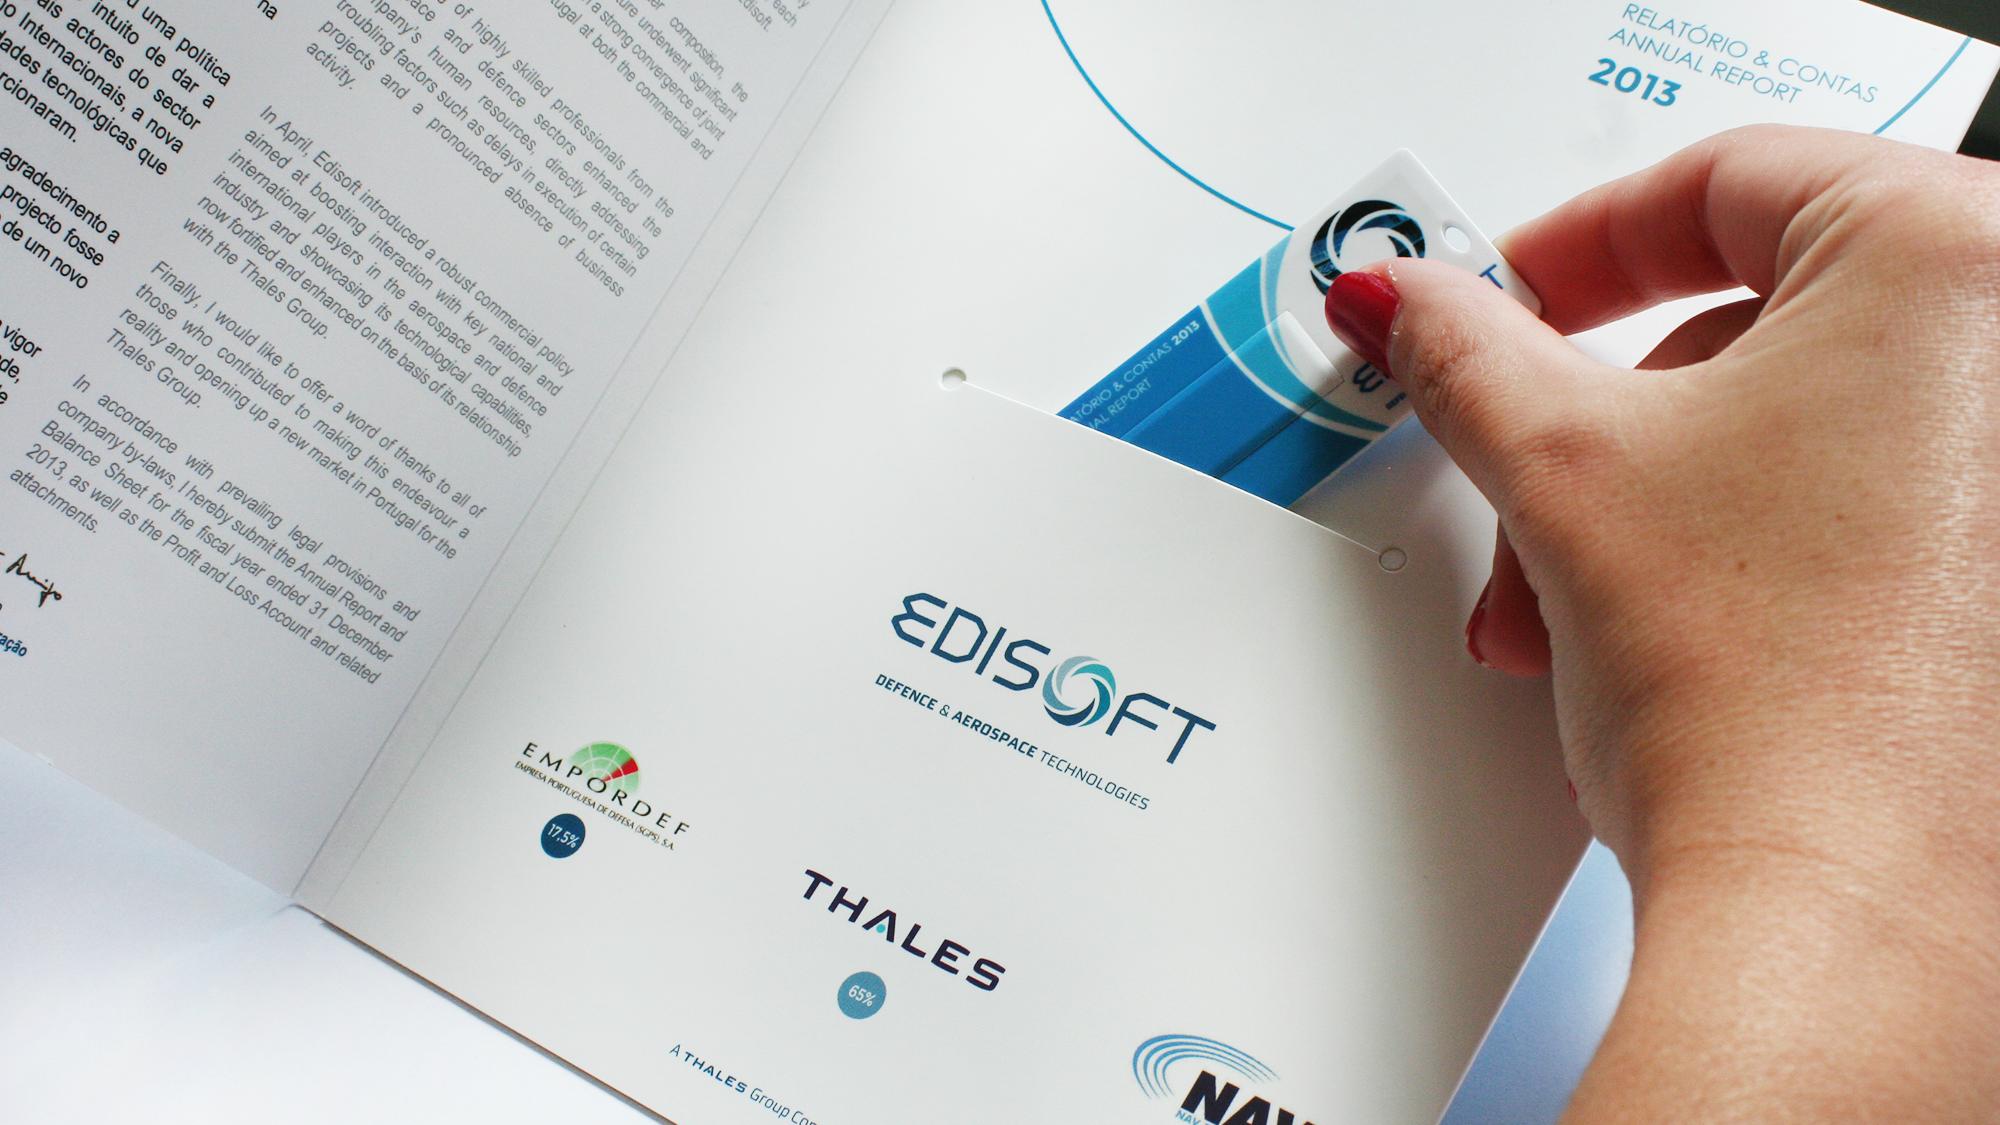 EDISOFT | Relatório e Contas 2013